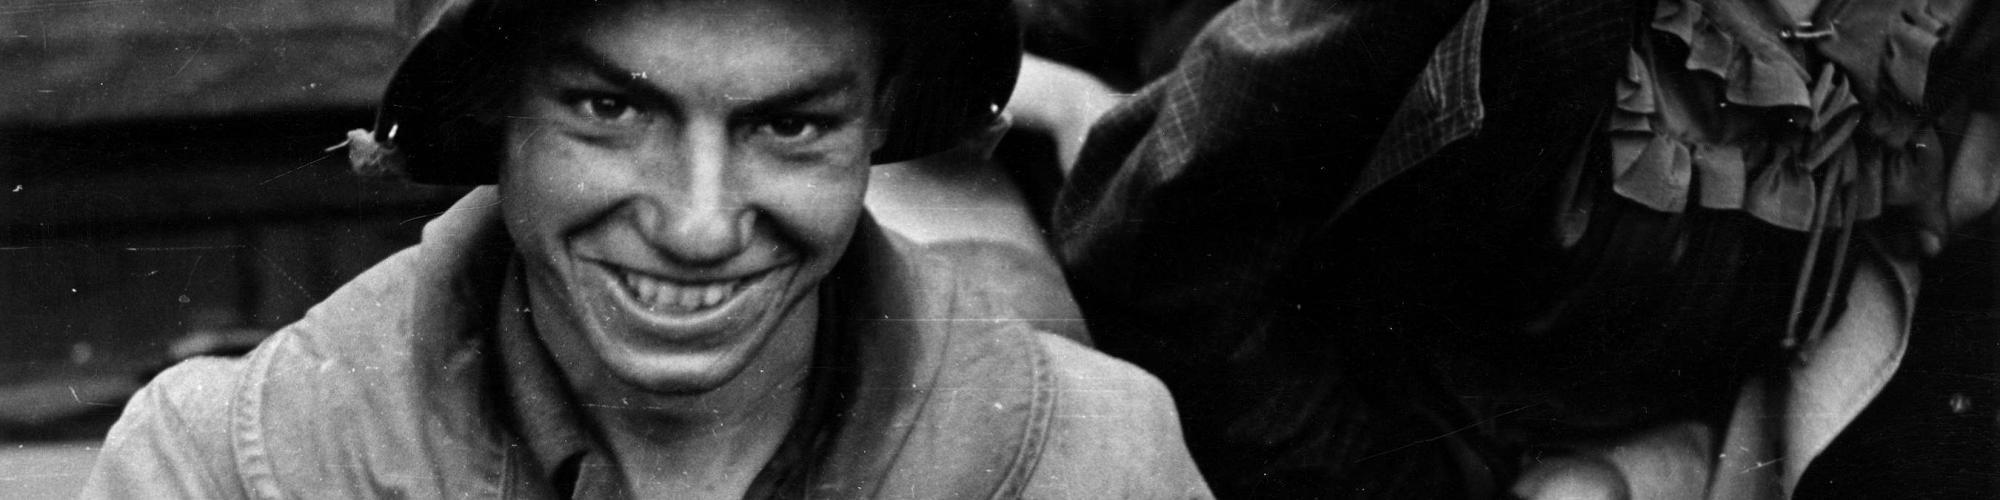 Le sourire d'un GI et d'une charmante fille de Charleroi (photo A.Neufort)/CegeSoma/Archives de l'Etat